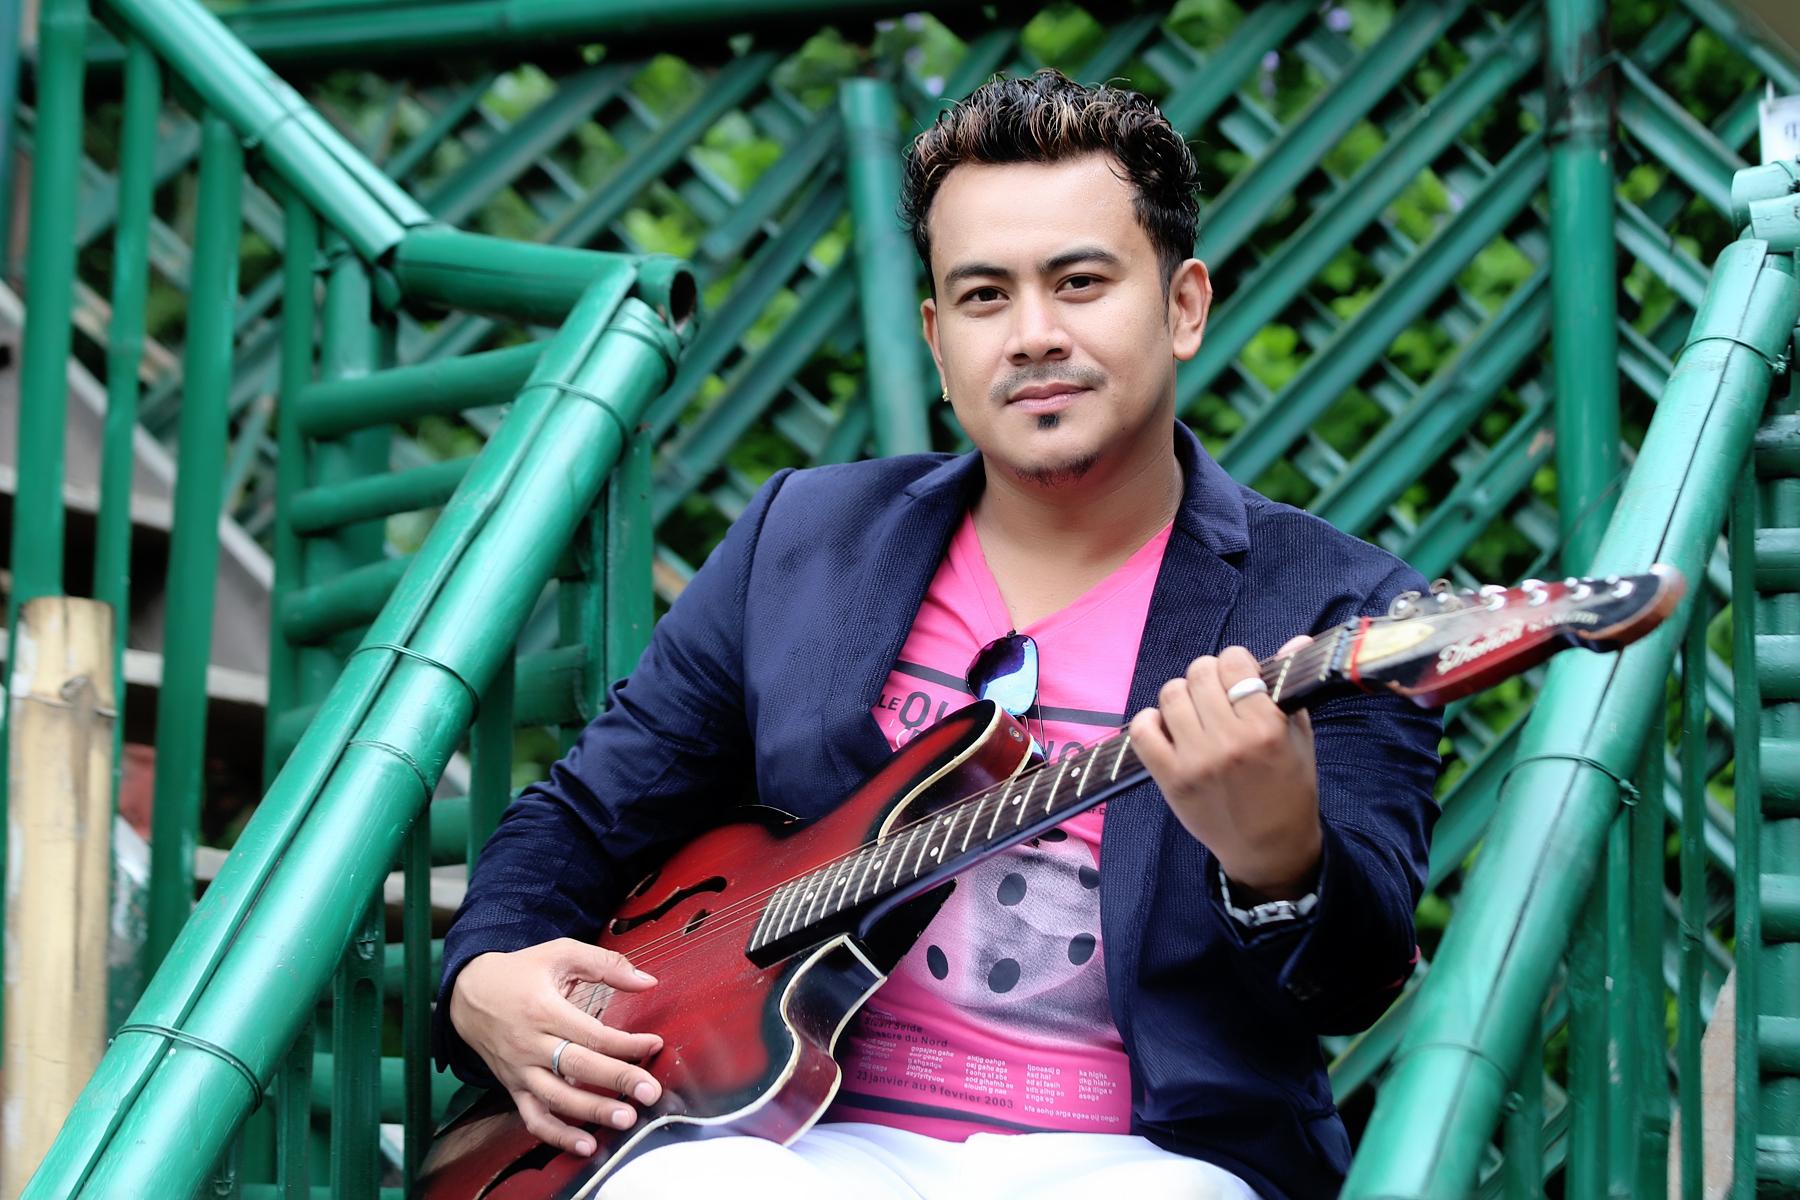 घाँसे गीतमात्रै गाएर चल्नेवाला छैन : गायक तथा मोडल दिनेश थापा